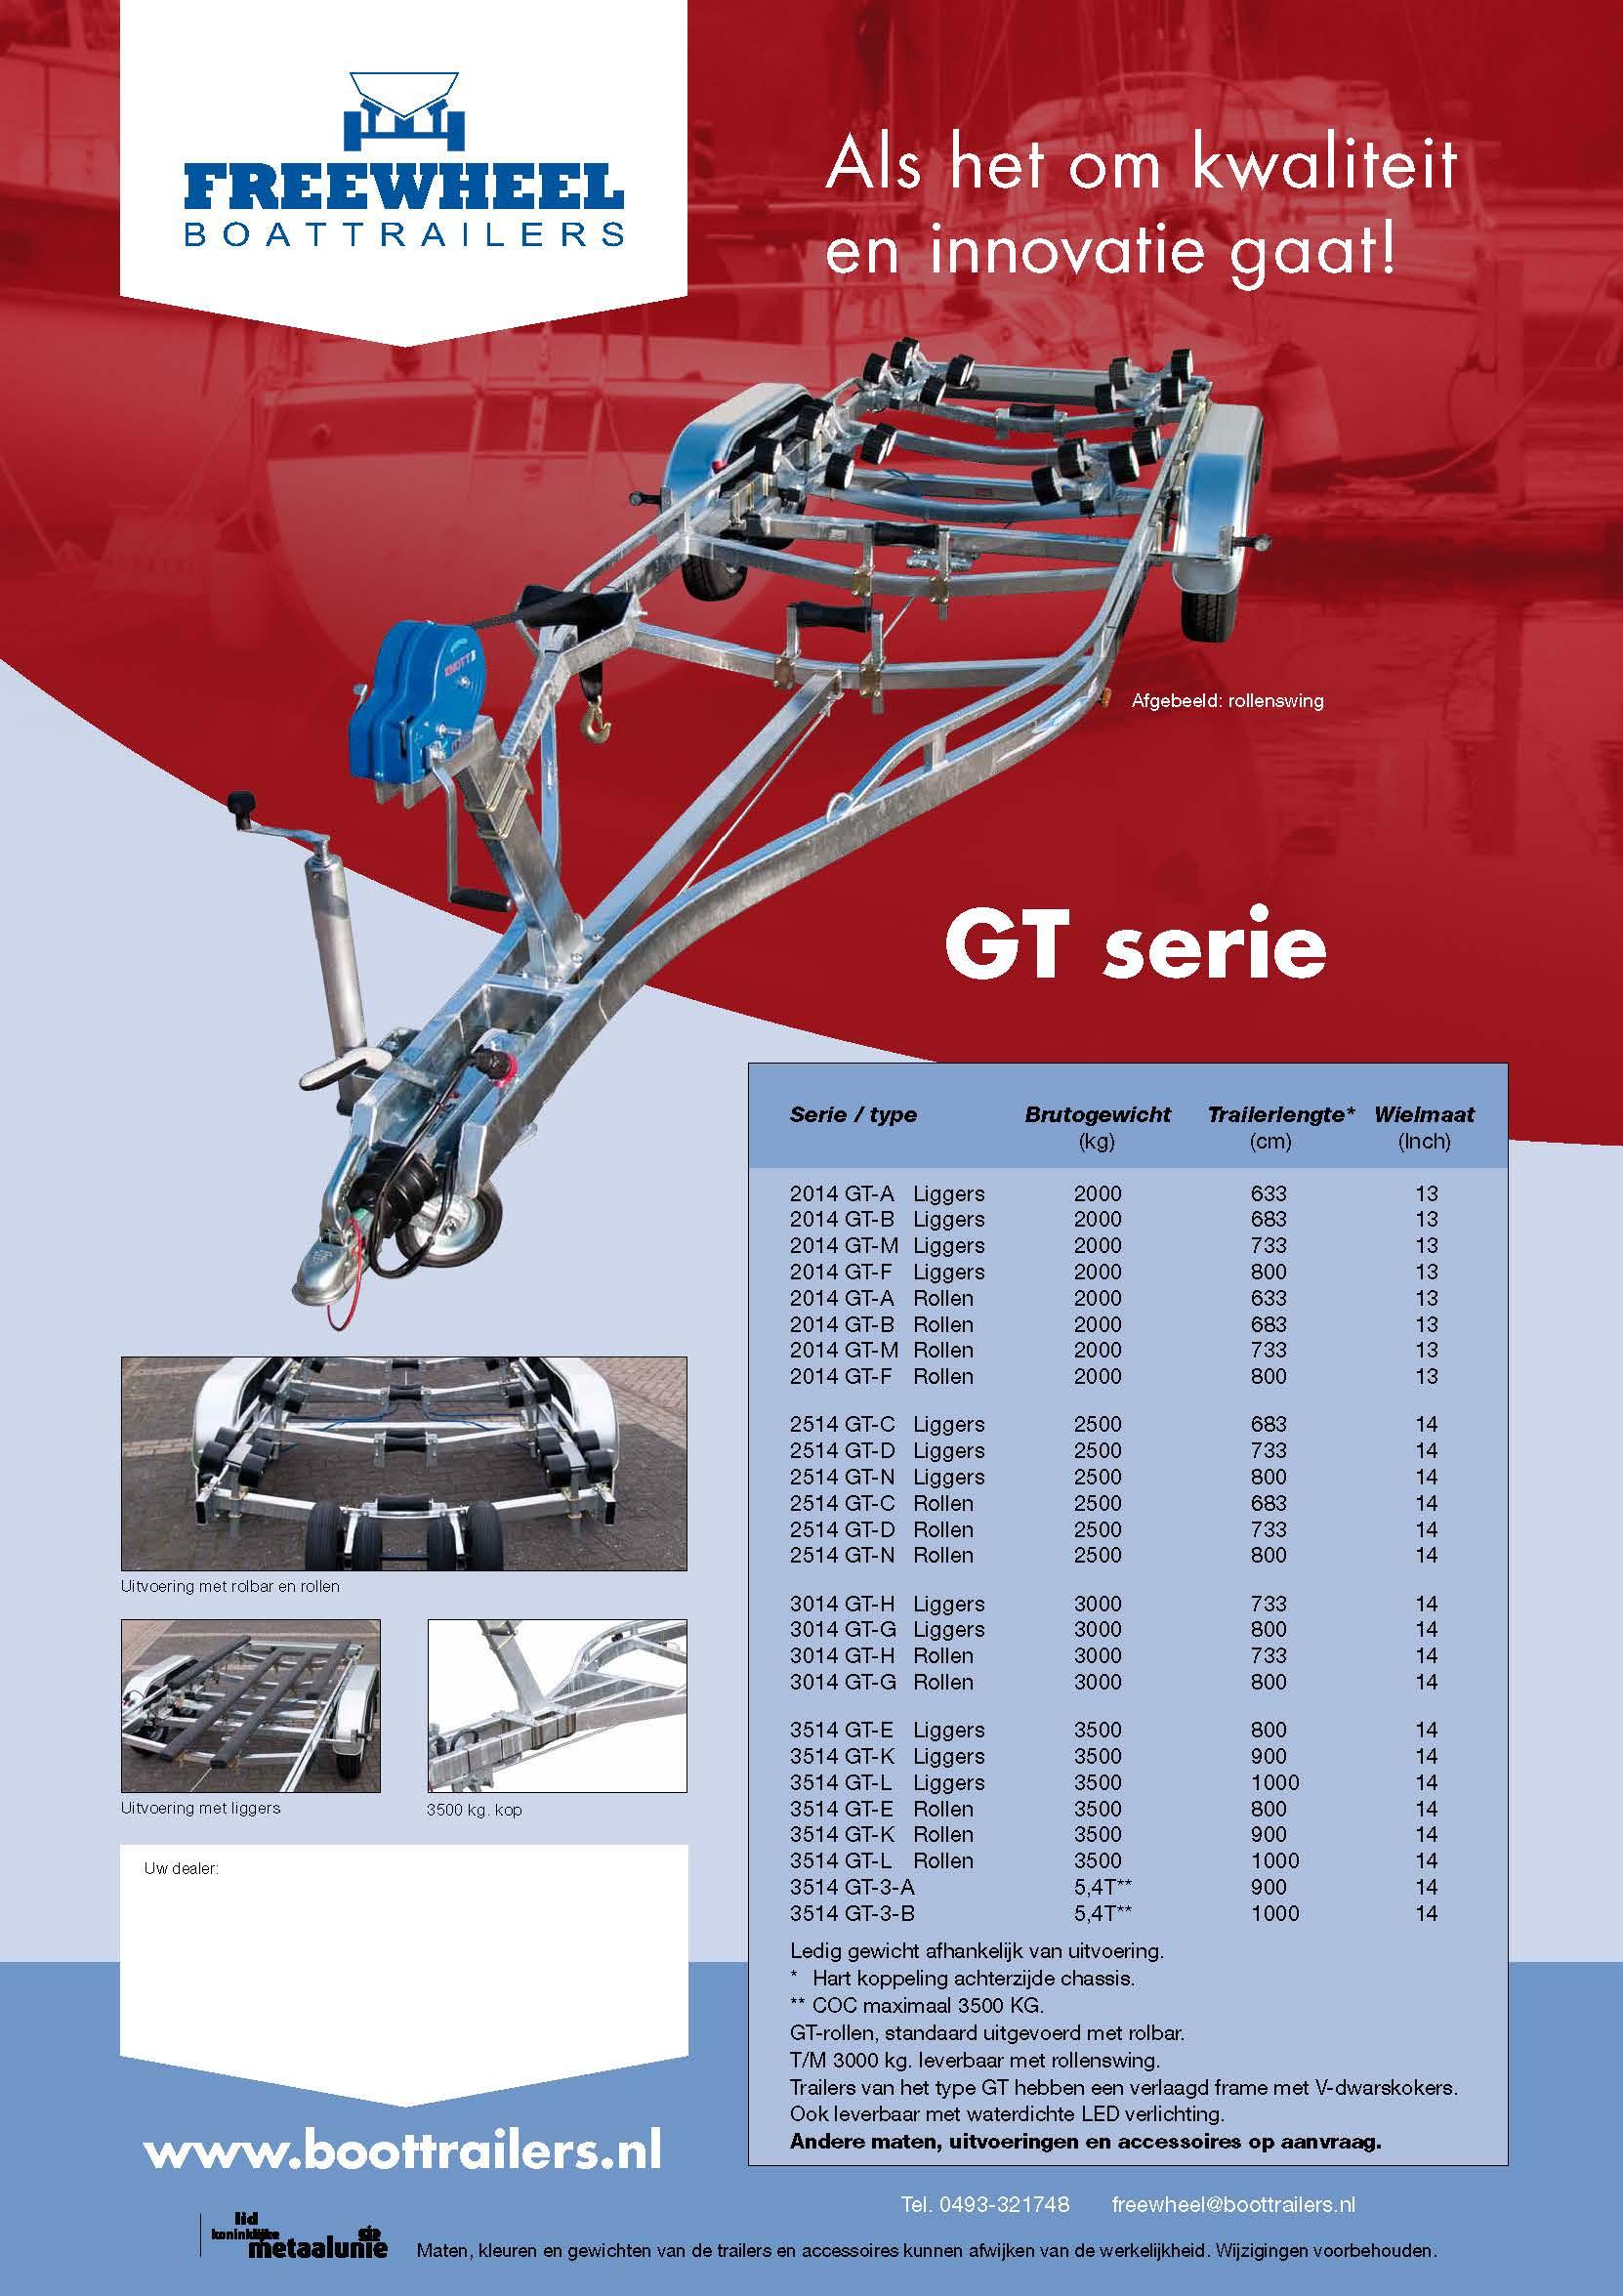 Freewheel GT serie